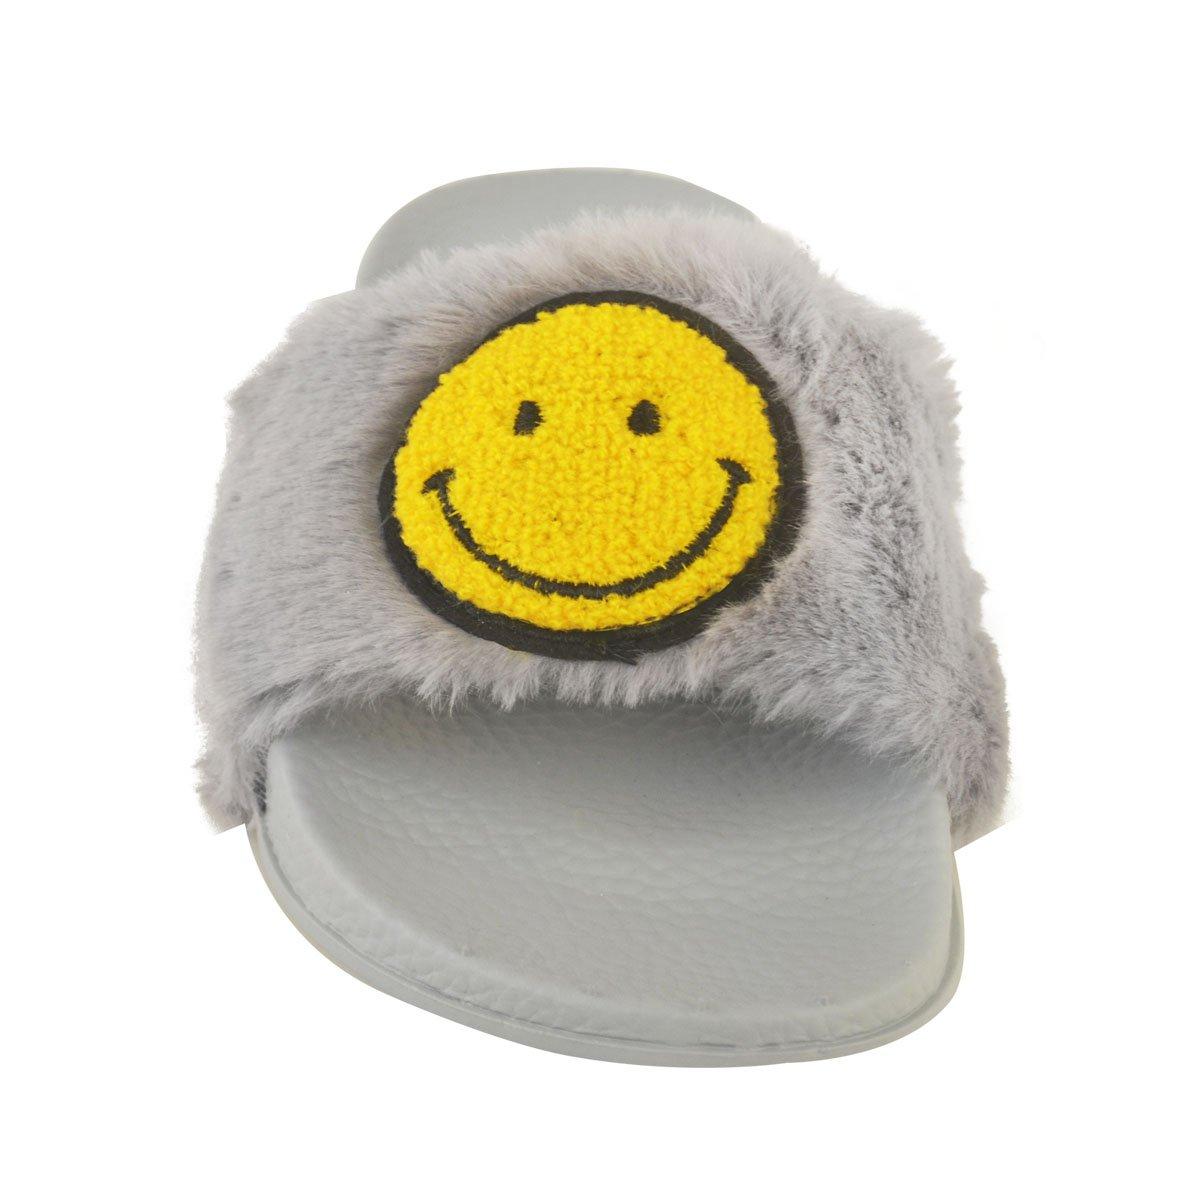 Donna Emoji Smiley Faccia Morbidi Pelliccia Finta Passanti Sandali Scarpe Gotico Taglia - Nero Pelliccia Finta / Faccia Sorridente Faccia, 38